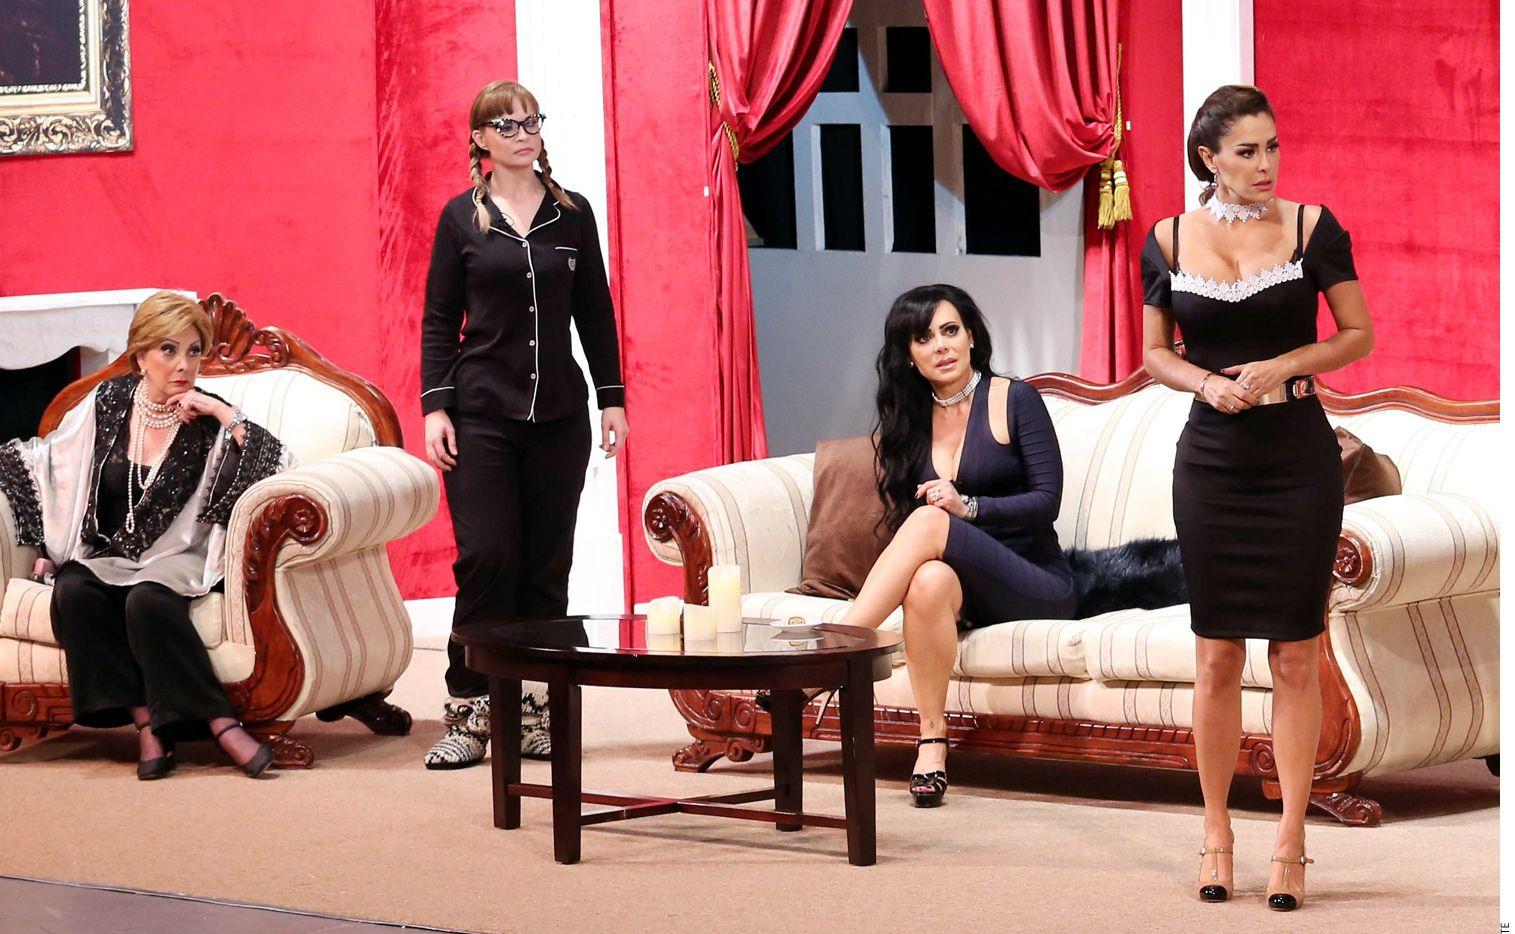 Las arpías es una obra de teatro con ocho actrices reconocidas de México que se presenta en Dallas este viernes 9 de marzo. Foto Agencia Reforma